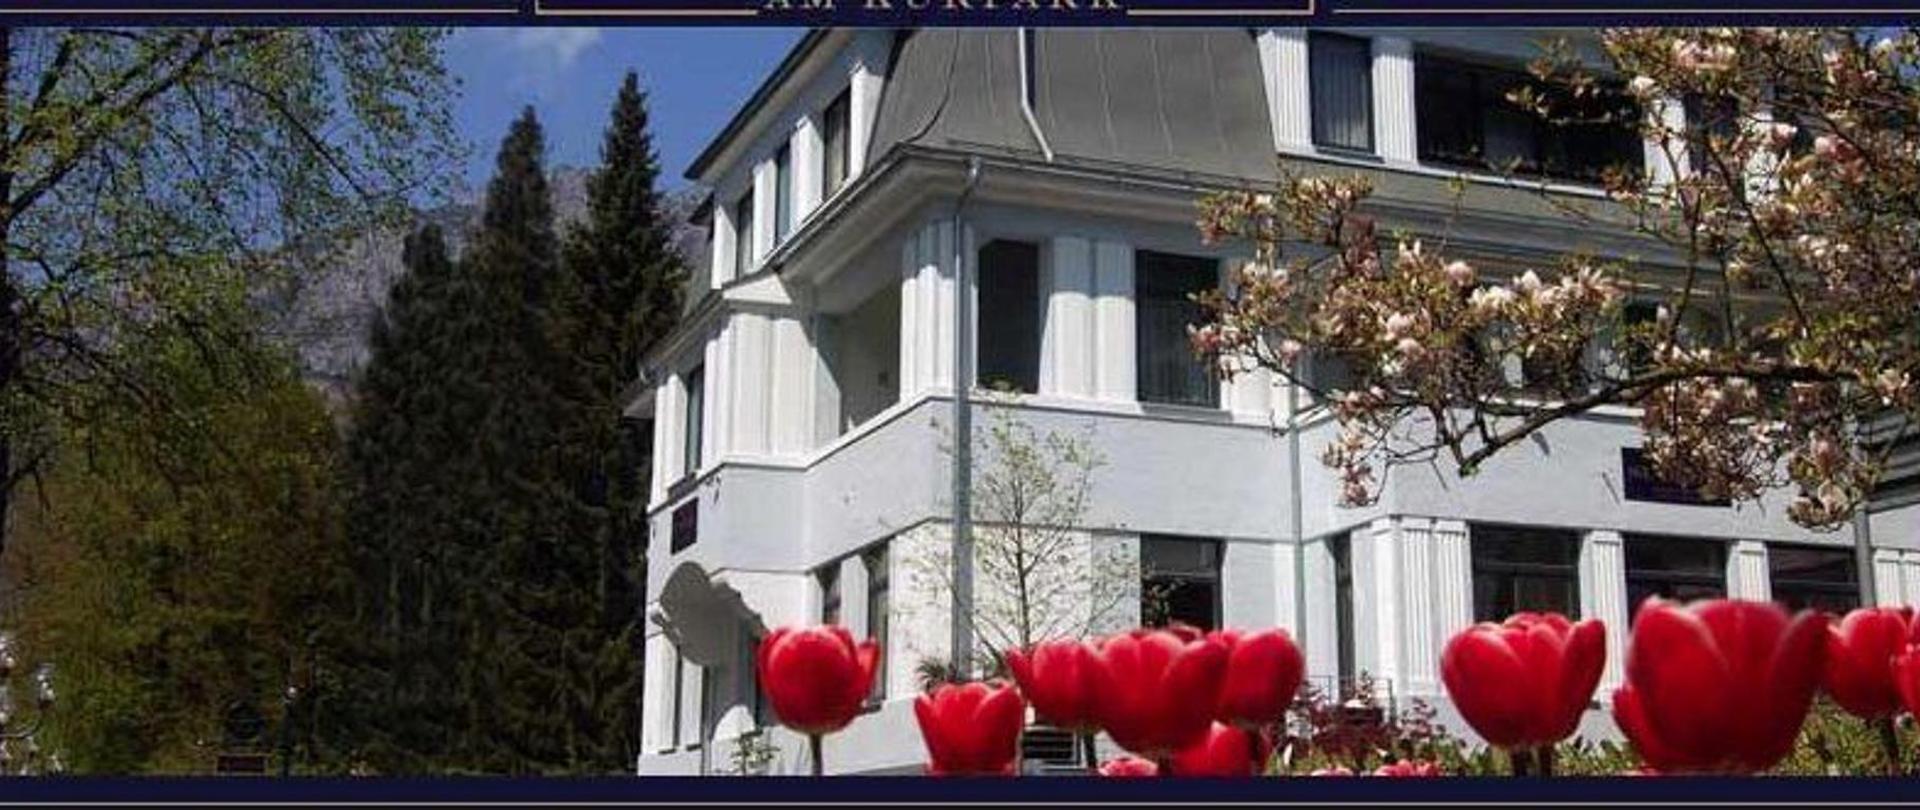 villa-sudrow.jpg